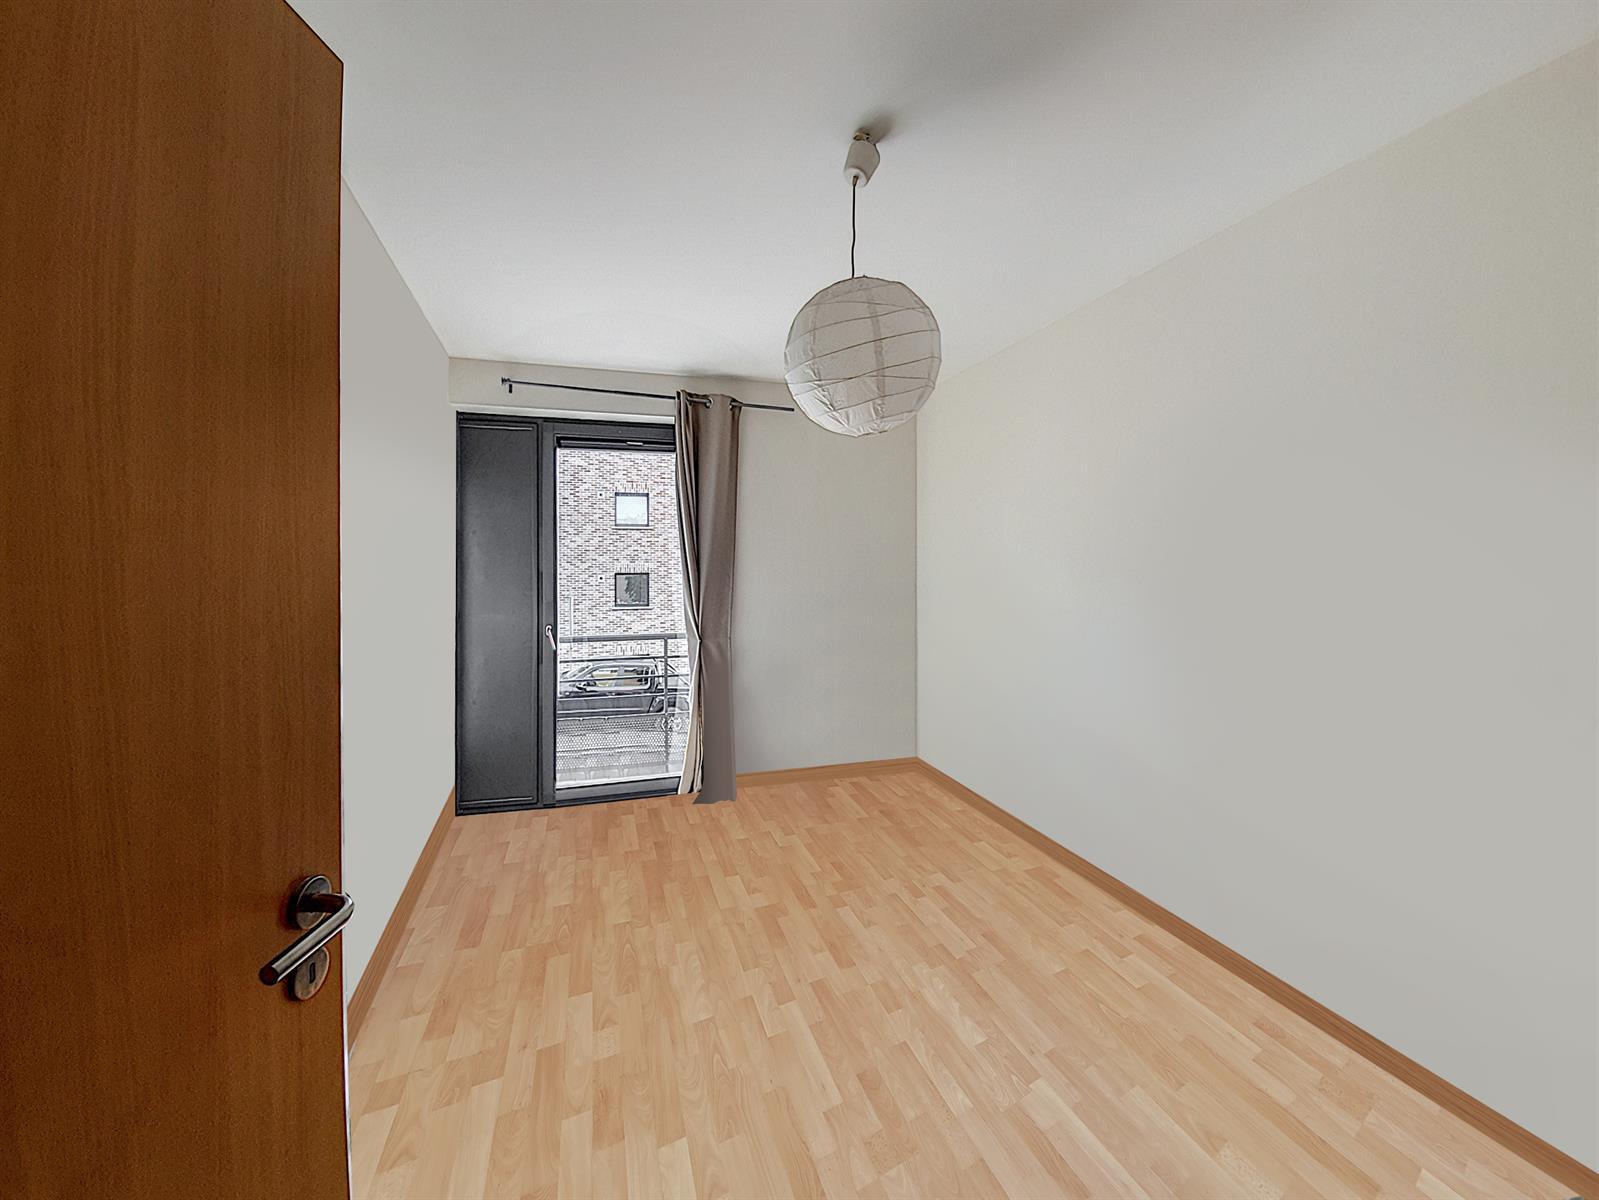 Appartement - Ottignies-Louvain-la-Neuve Louvain-la-Neuve - #4392627-6